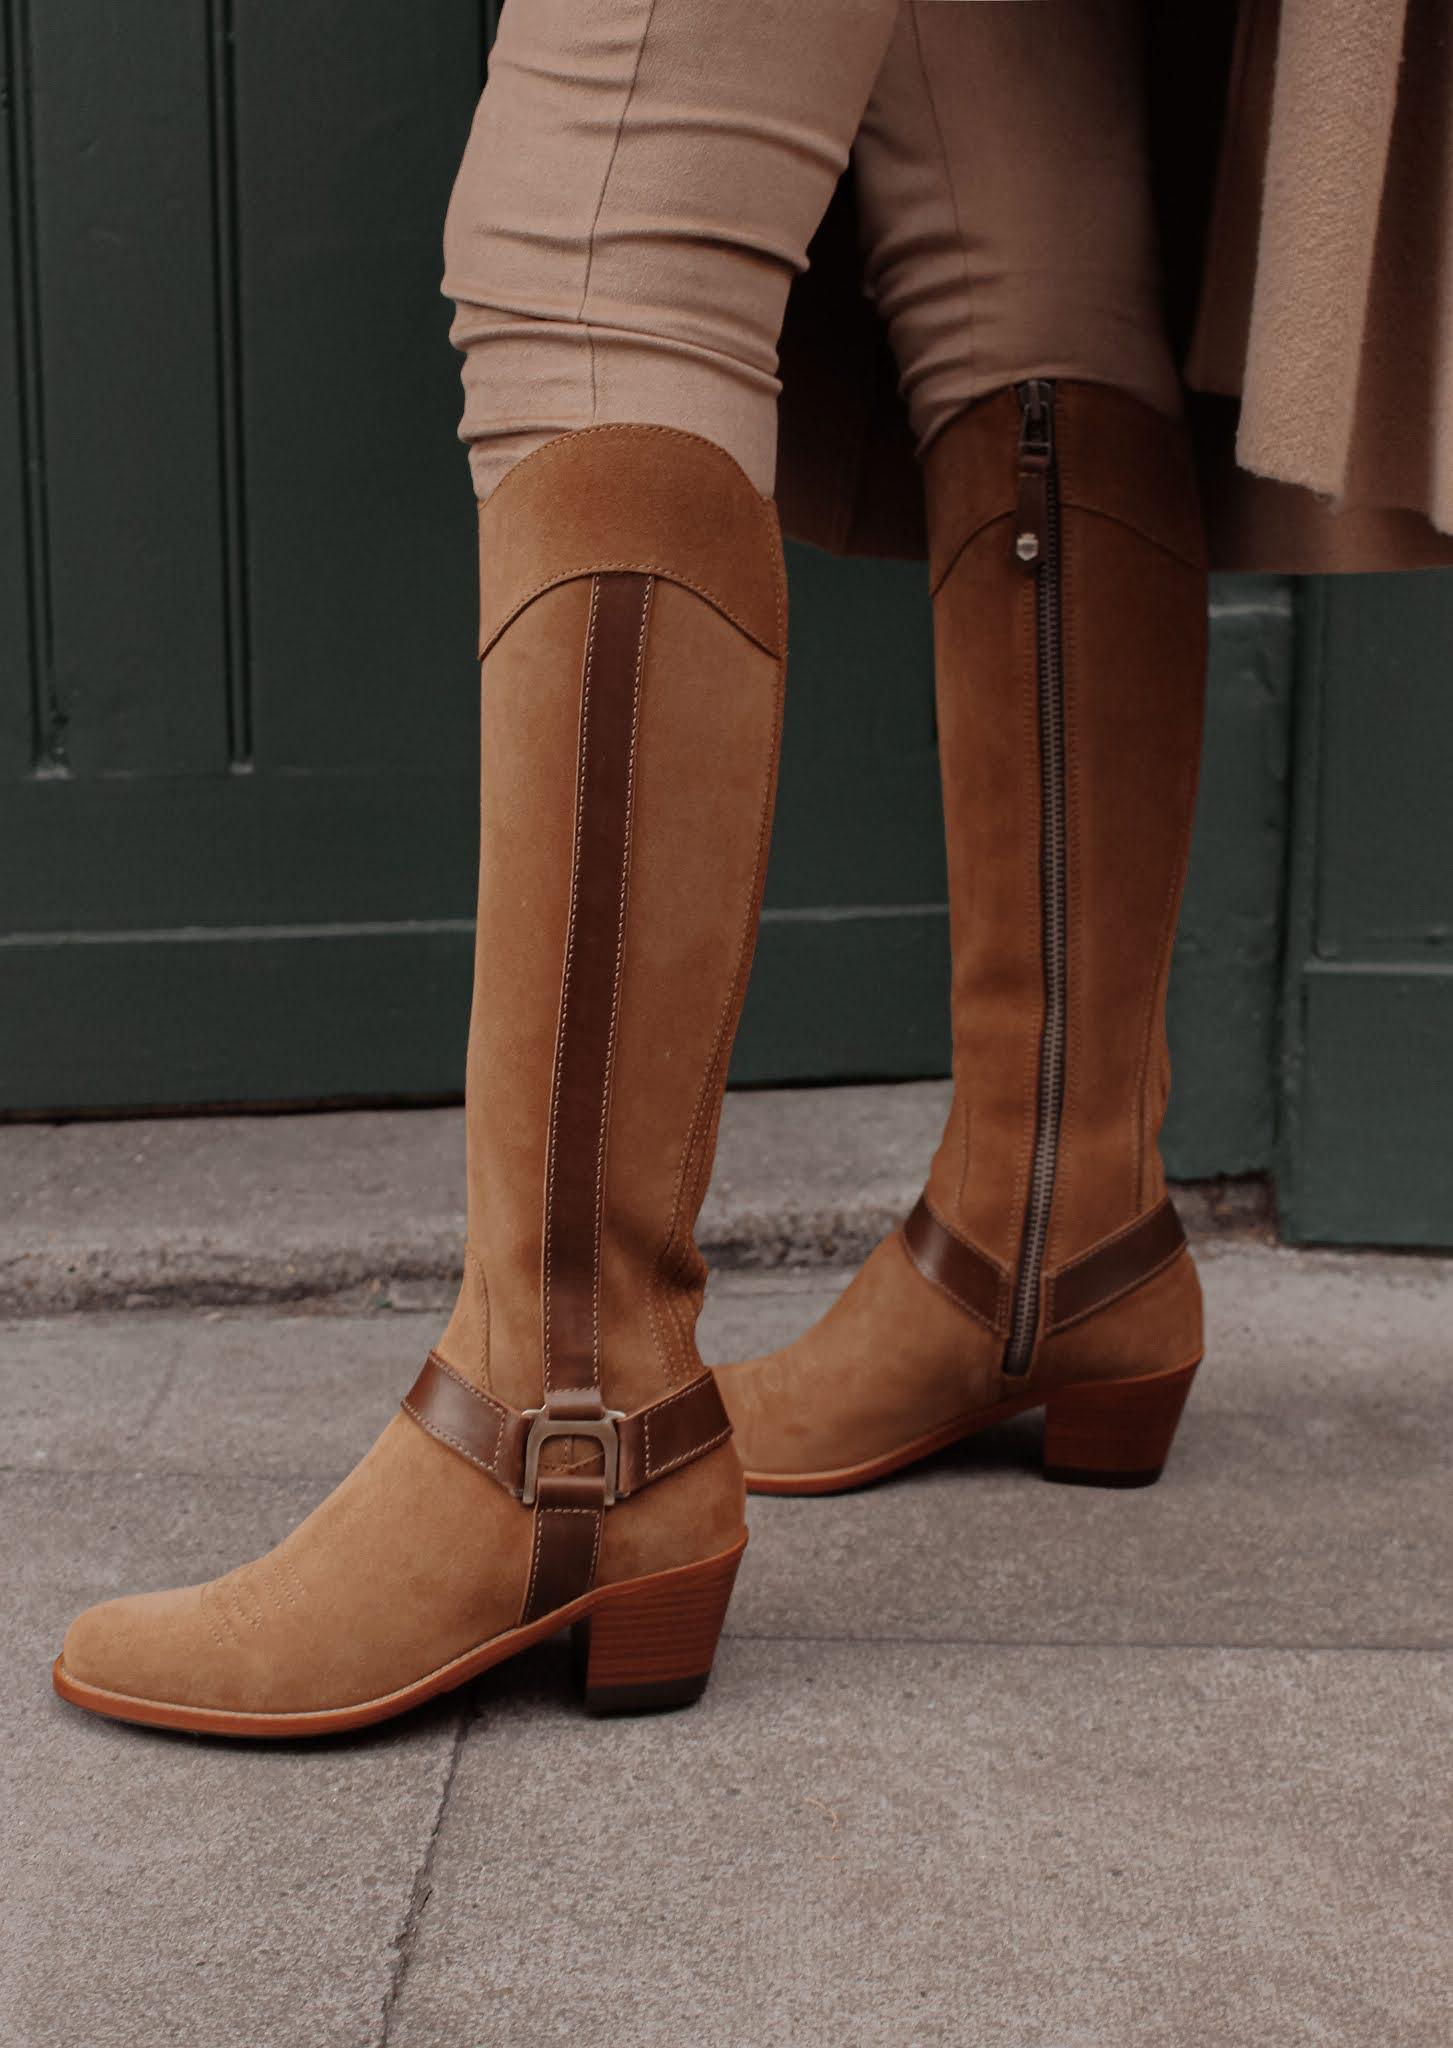 Fairfax & Favor The Burnham Tan Boots